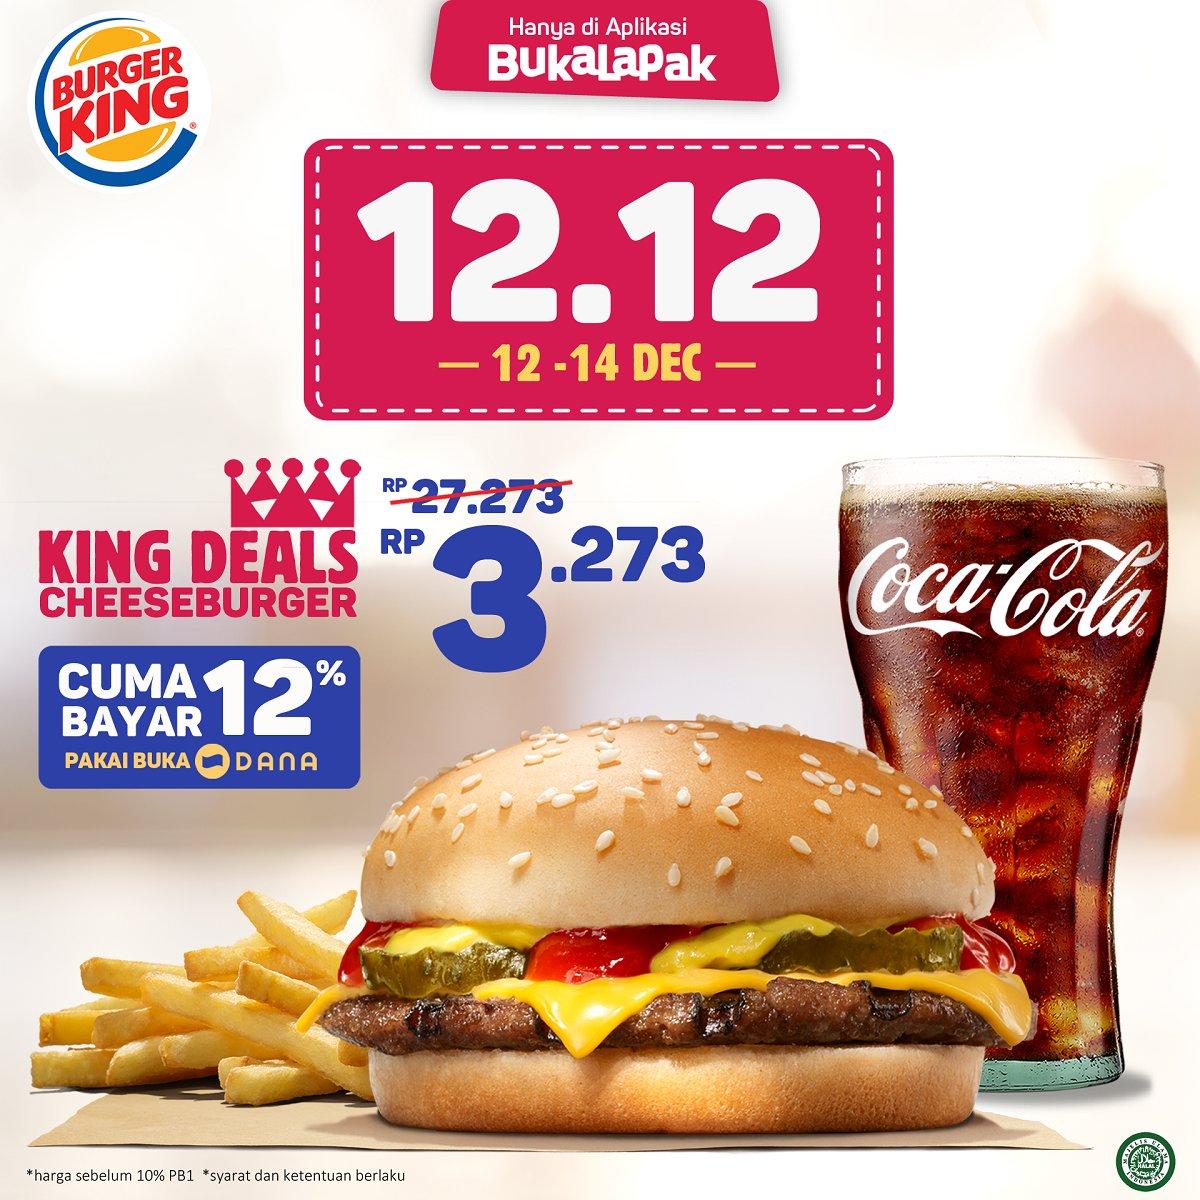 BurgerKing - Promo Voucher King Deals Cuma 3Ribuan di Bukalapak (s.d 14 Des 2018)